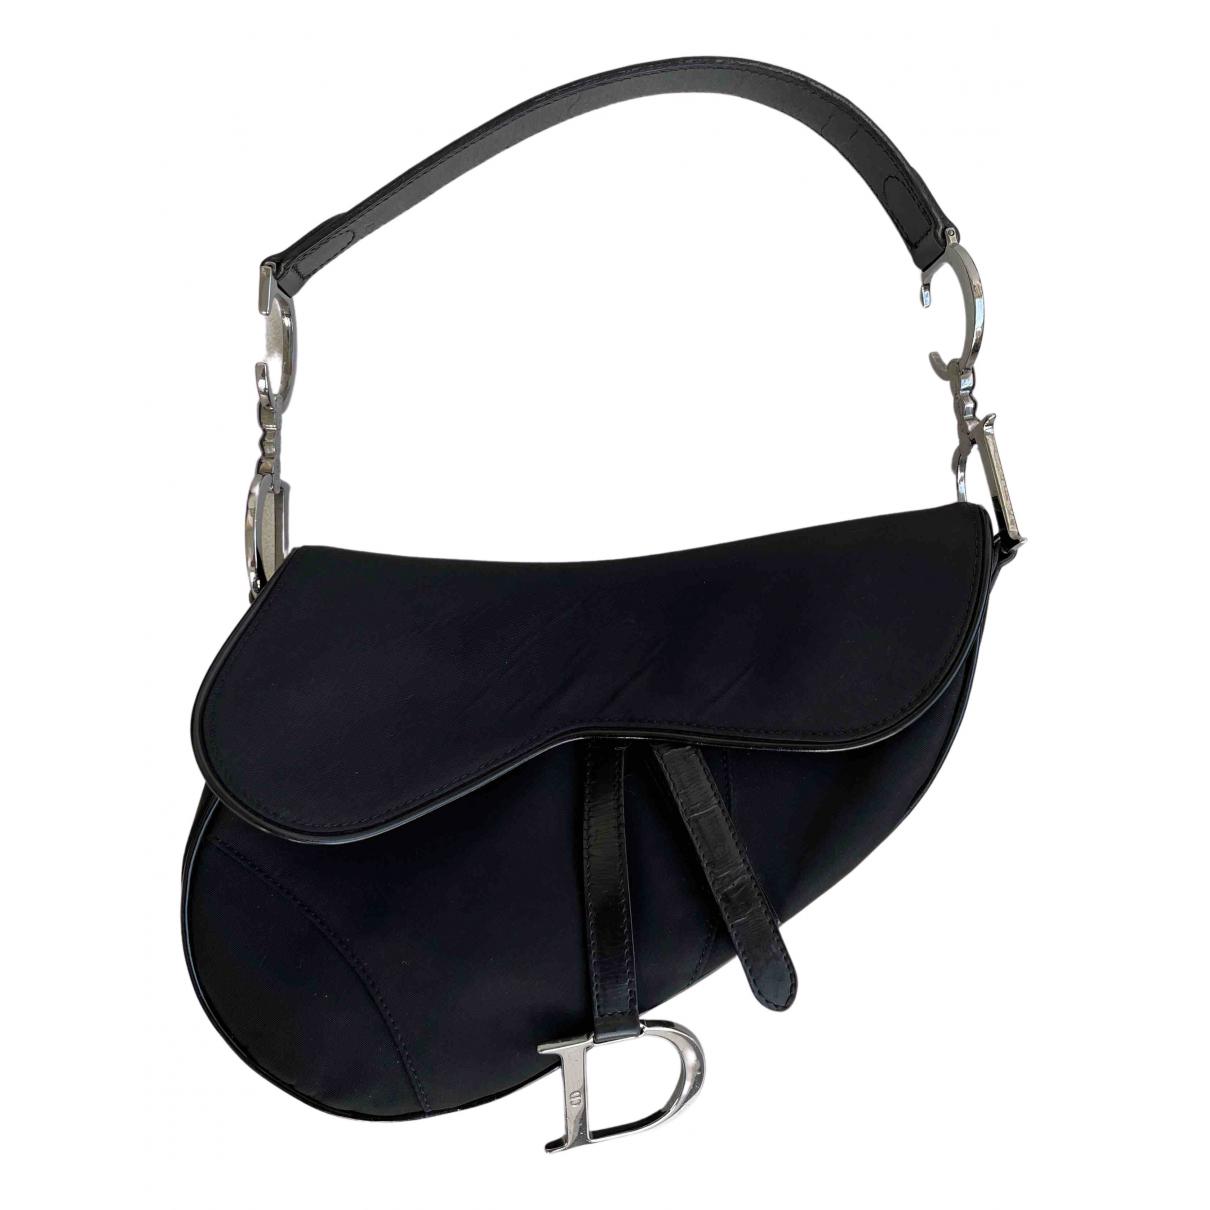 Dior - Sac a main Saddle pour femme en soie - noir